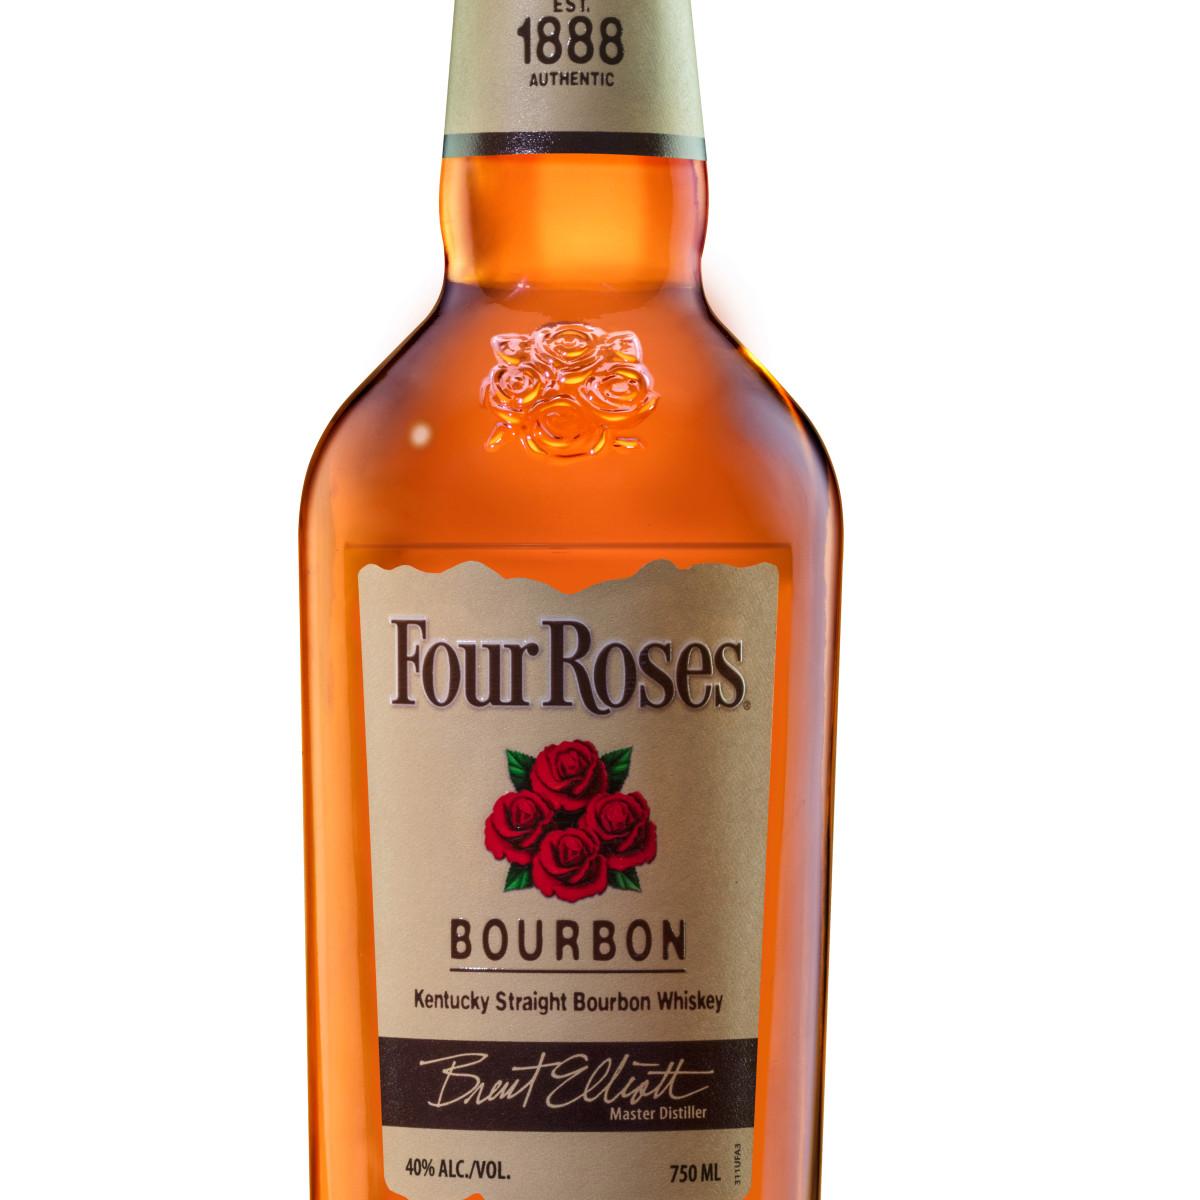 Bottle of Four Roses bourbon